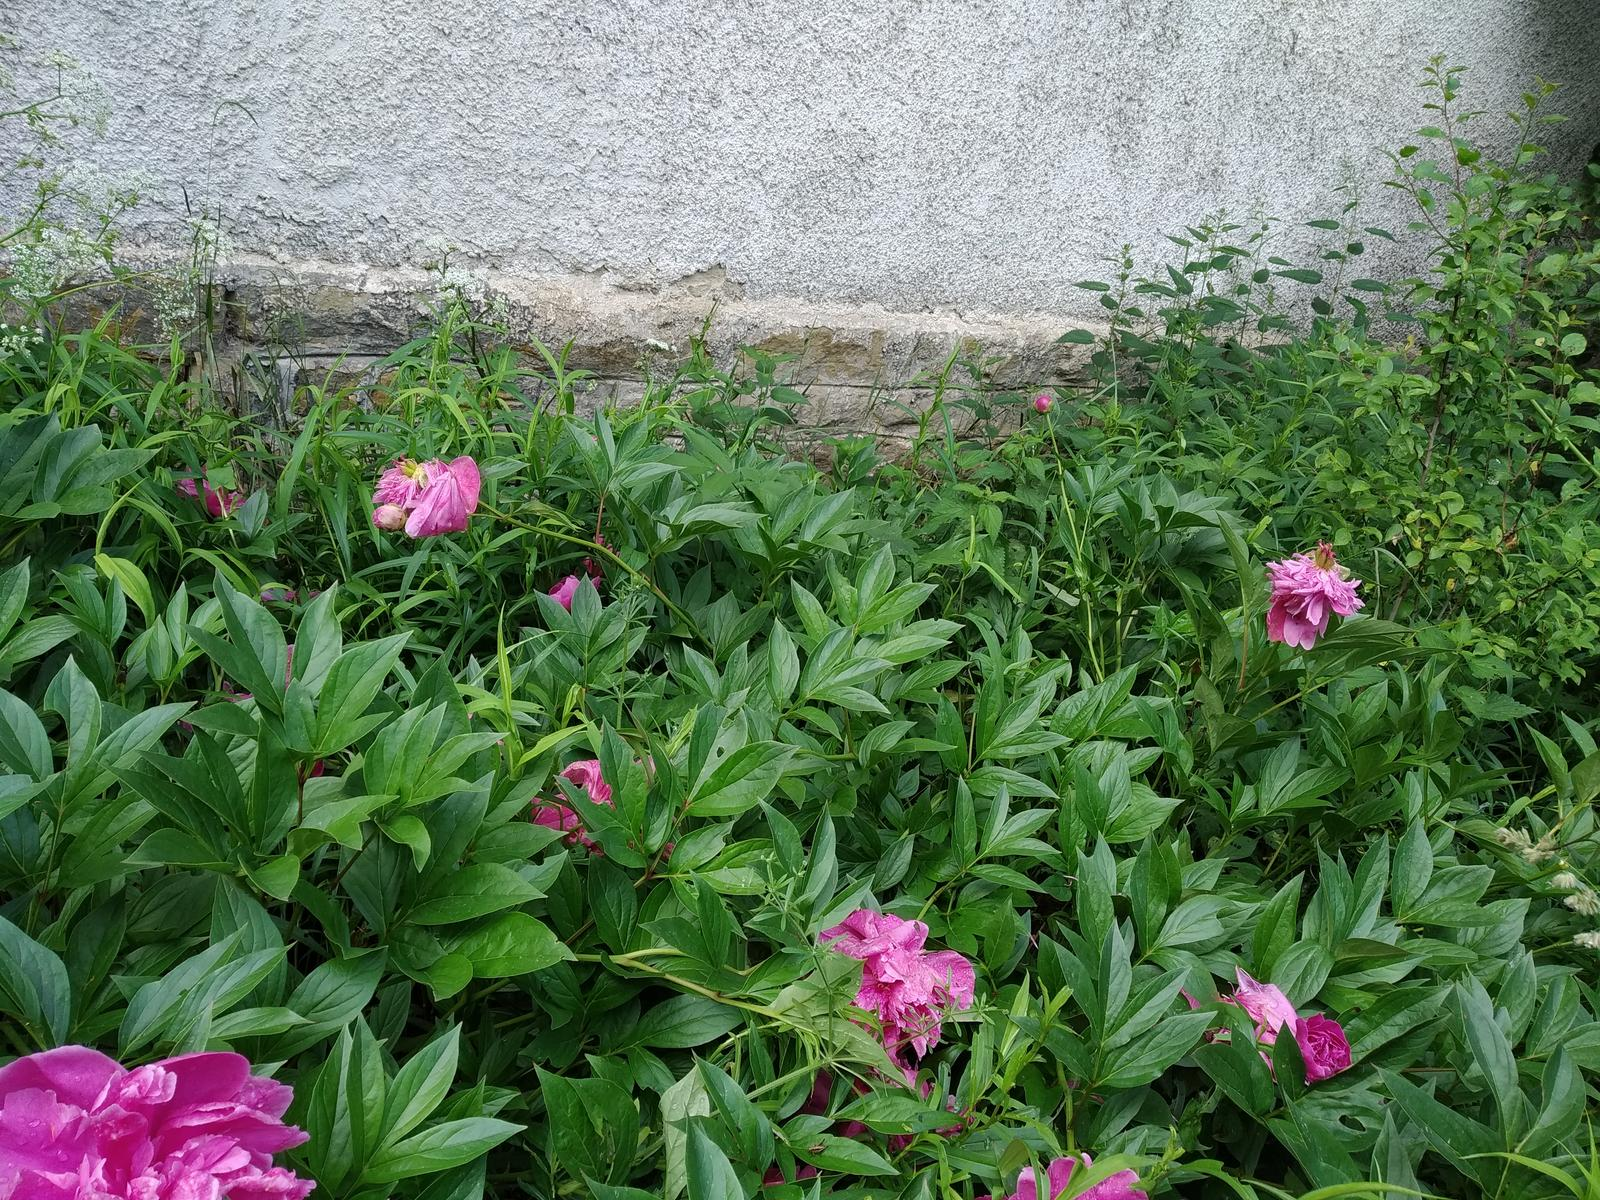 Babkina záhrada - Asi desať metrov súvislý porast pivoniek po prababke